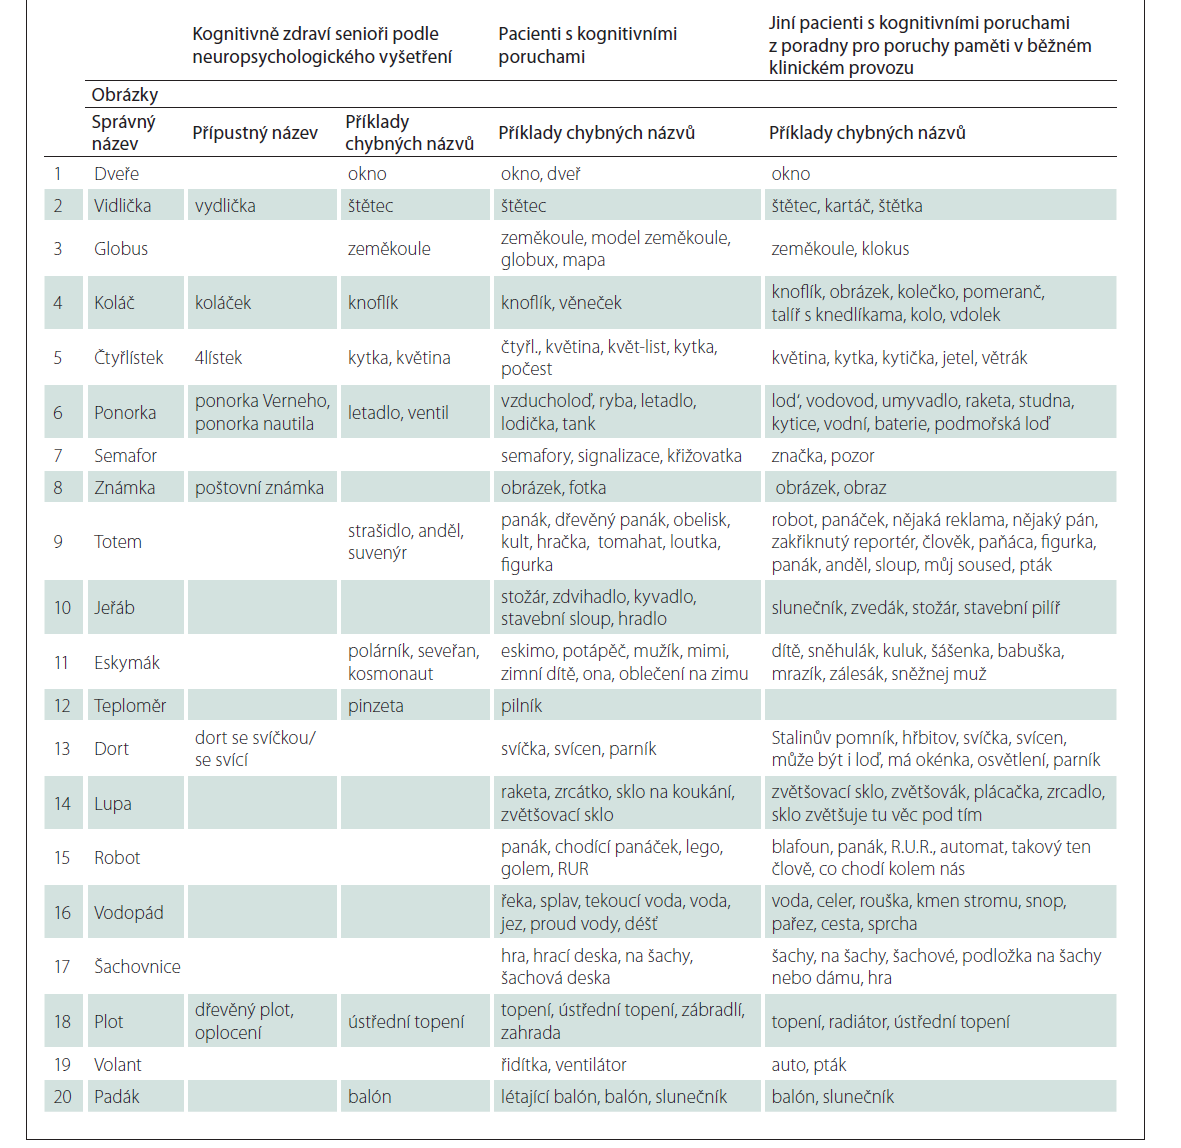 Seznamy ještě přípustných a chybných písemných pojmenování obrázků od 30 kognitivně zdravých starších osob podle neuropsychologického vyšetření a od 30 pacientů s různými kognitivními poruchami a seznam chybných pojmenování obrázků od pacientů v poradně pro poruchy paměti.